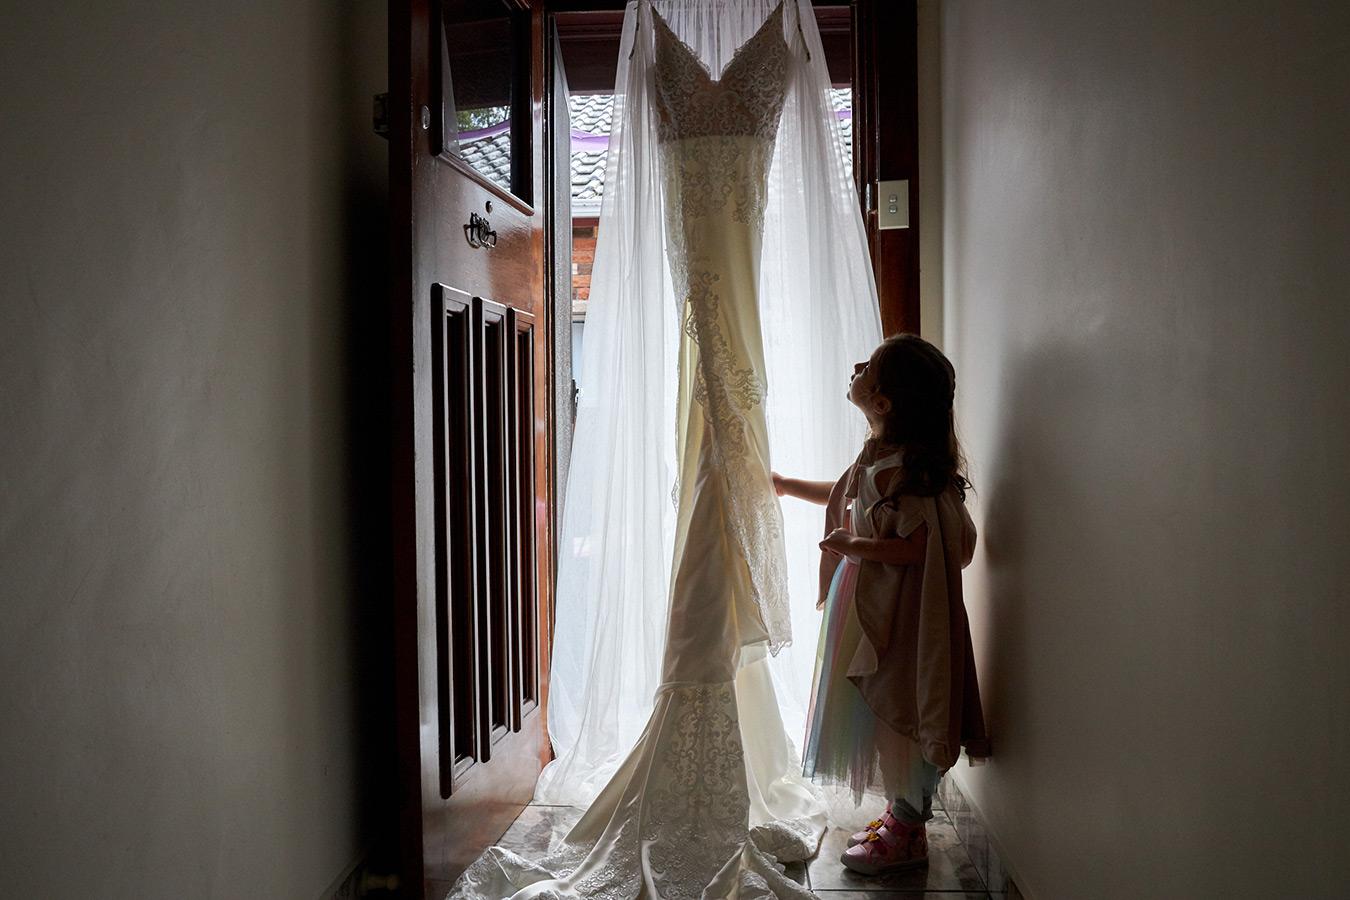 Image by Franky Tsang